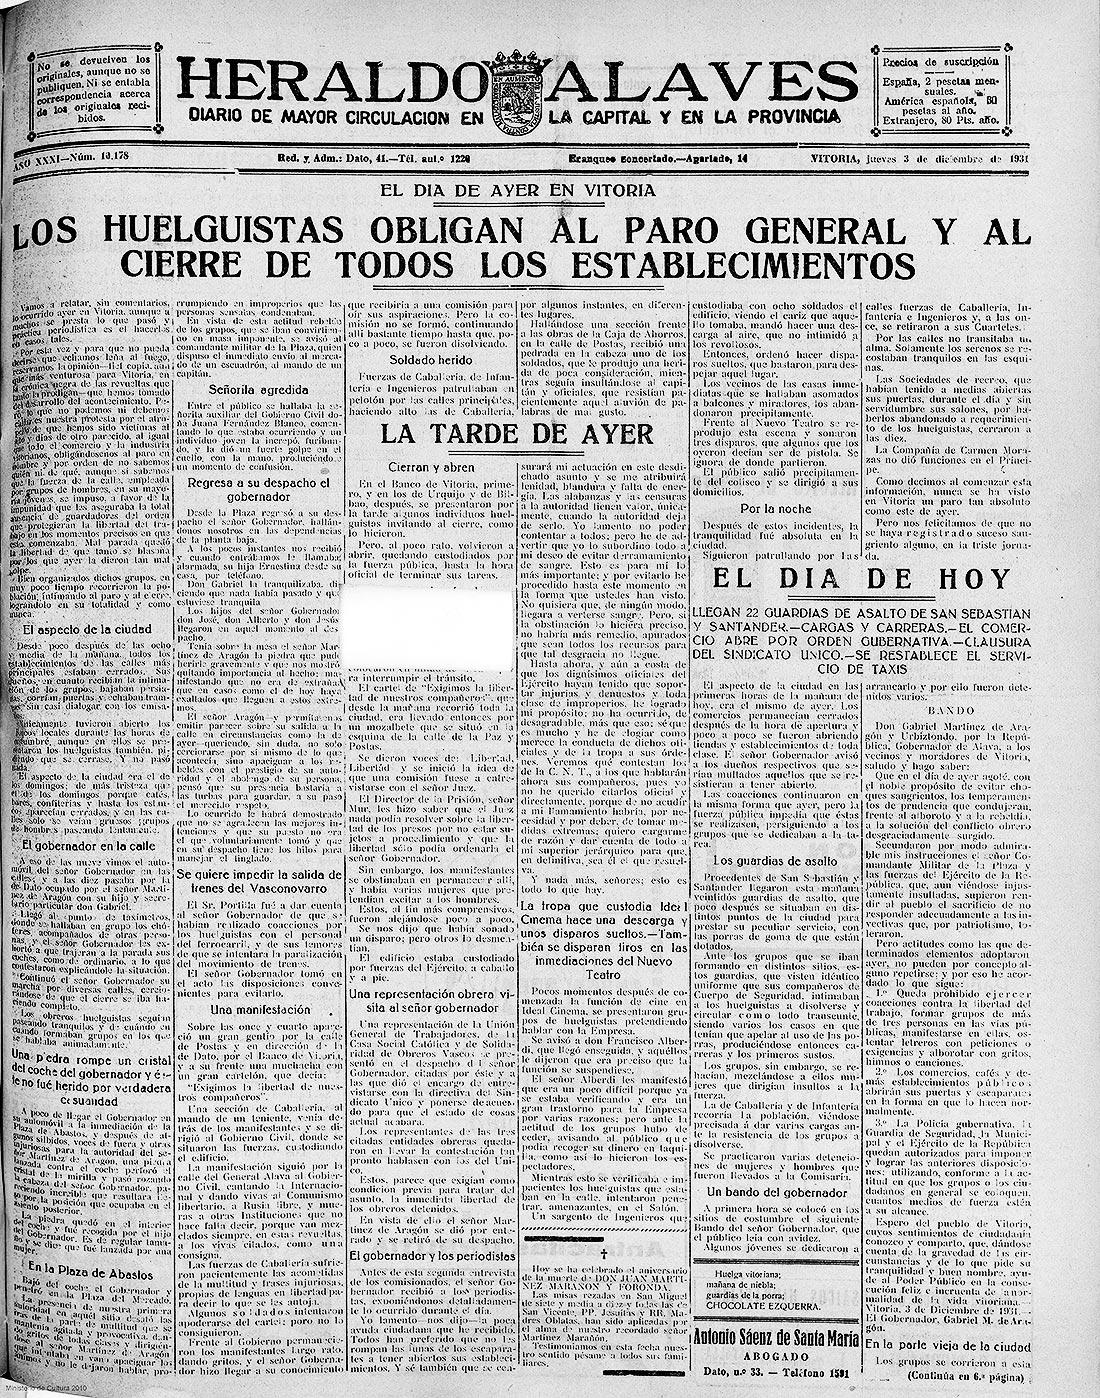 LA HUELGA GENERAL DE DICIEMBRE DE 1931 Y EL FIN DE AÑO - Álava Libertaria